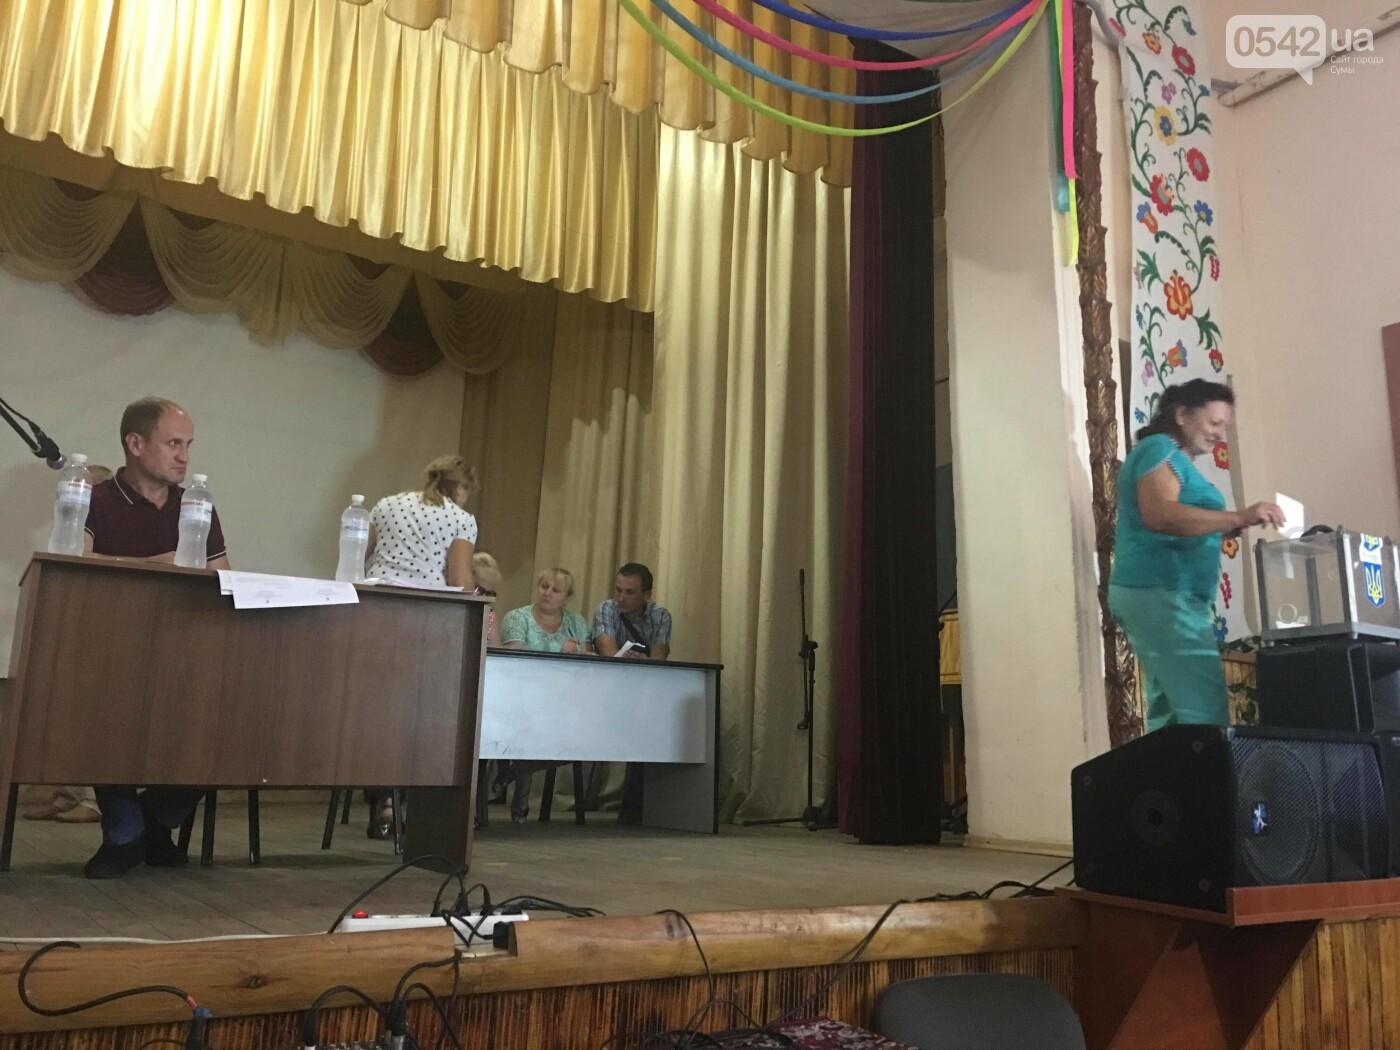 Депутати Верхньосироватської ОТГ знов саботують сесію, фото-1